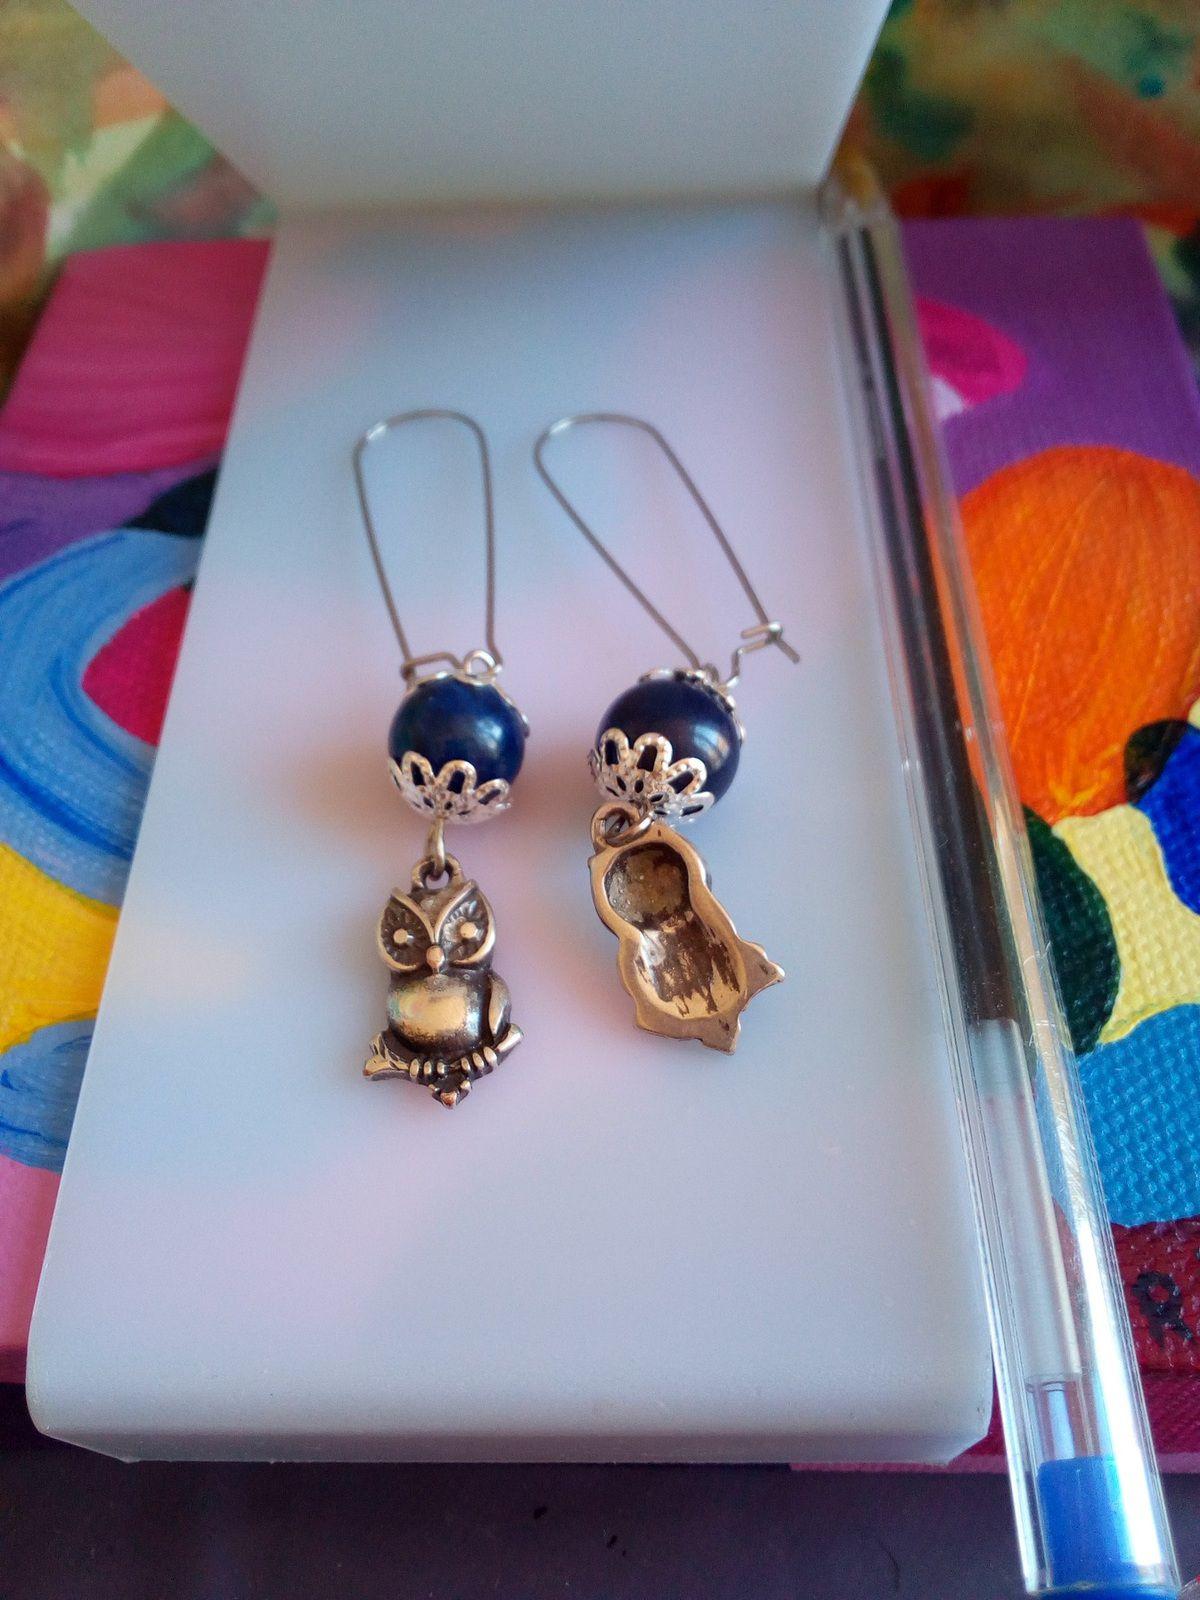 fait mains en france,boucles oreilles crochetsacier avec perle ronde lapis lazuli,pierre precieuse bleueet breloques chouettesargente tibetain,cadeau fete anniversaire,boho bobo gothique baroque rococo,meditation bien être spirituel,lithotherapie